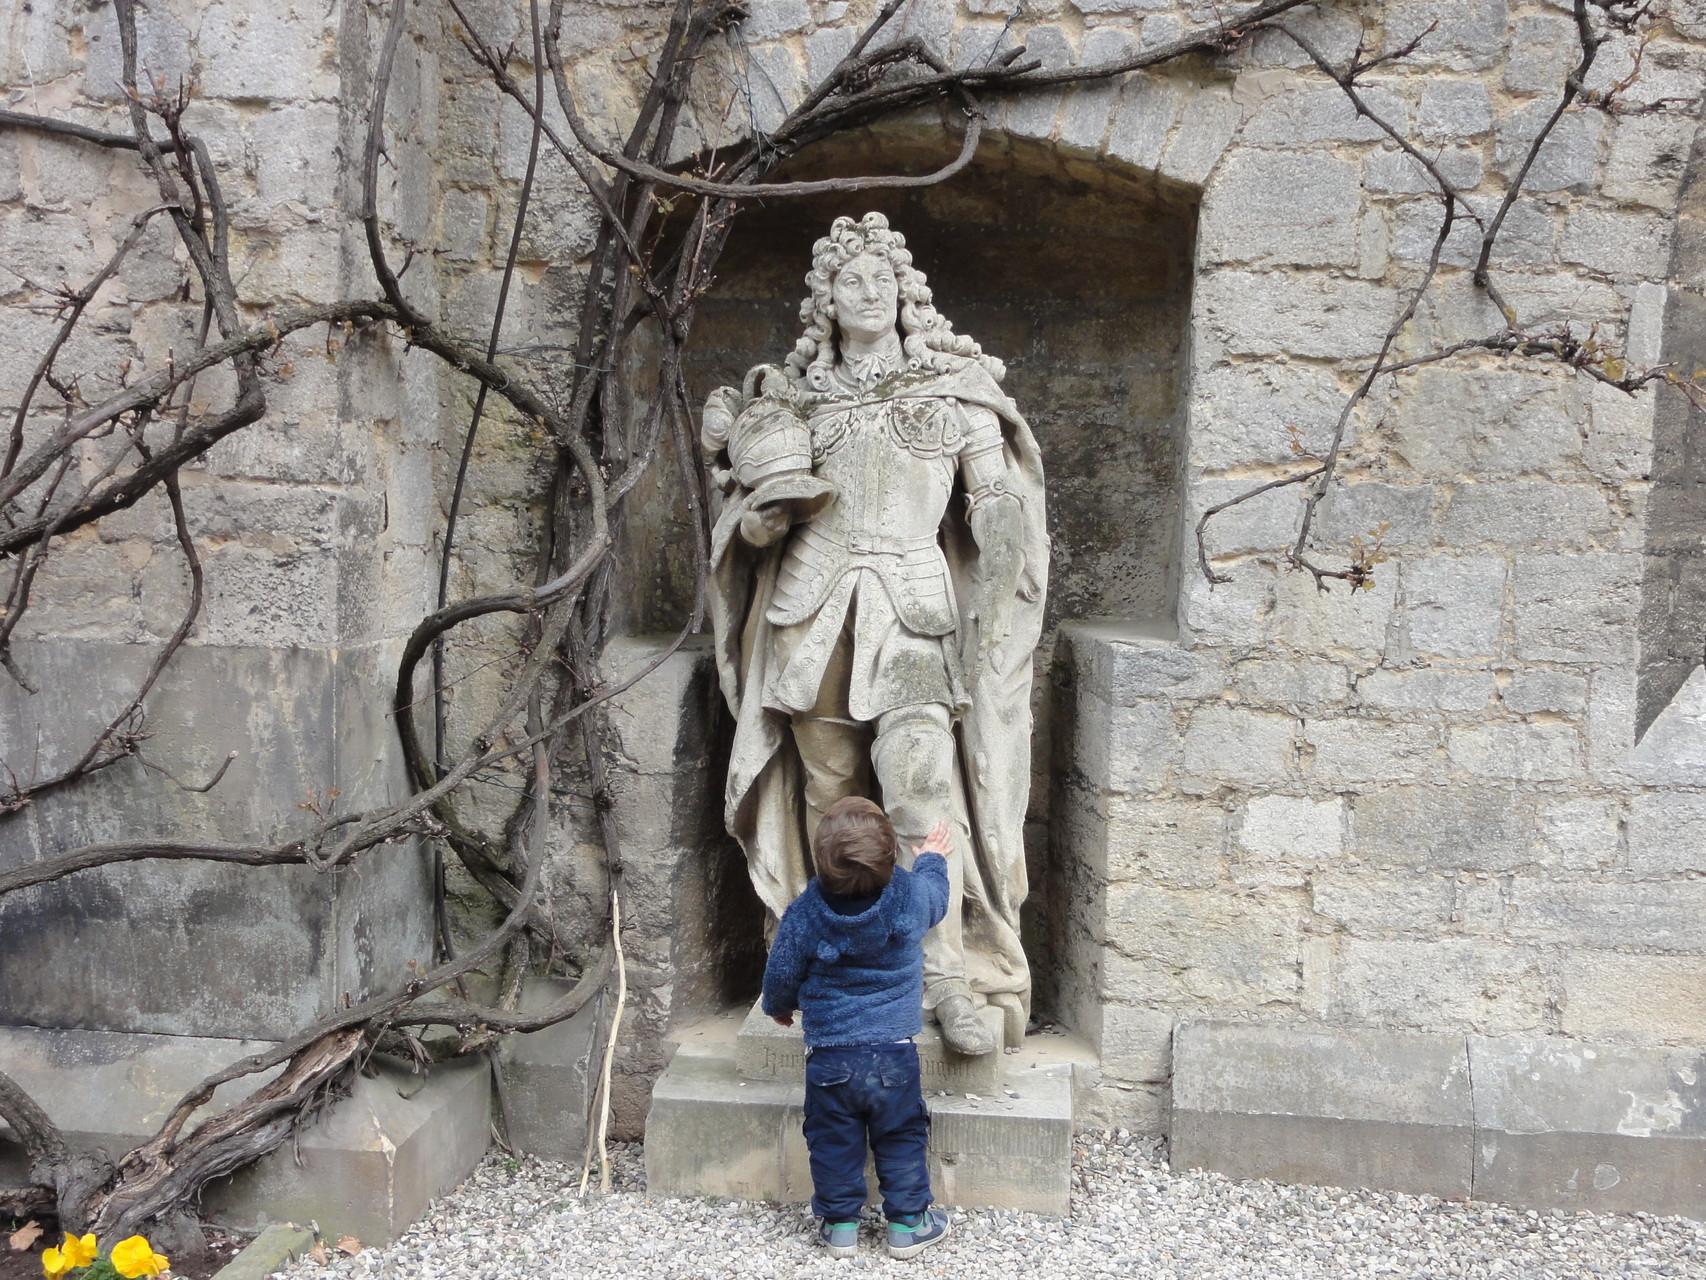 Frühe Begegnung mit historischen Gestalten